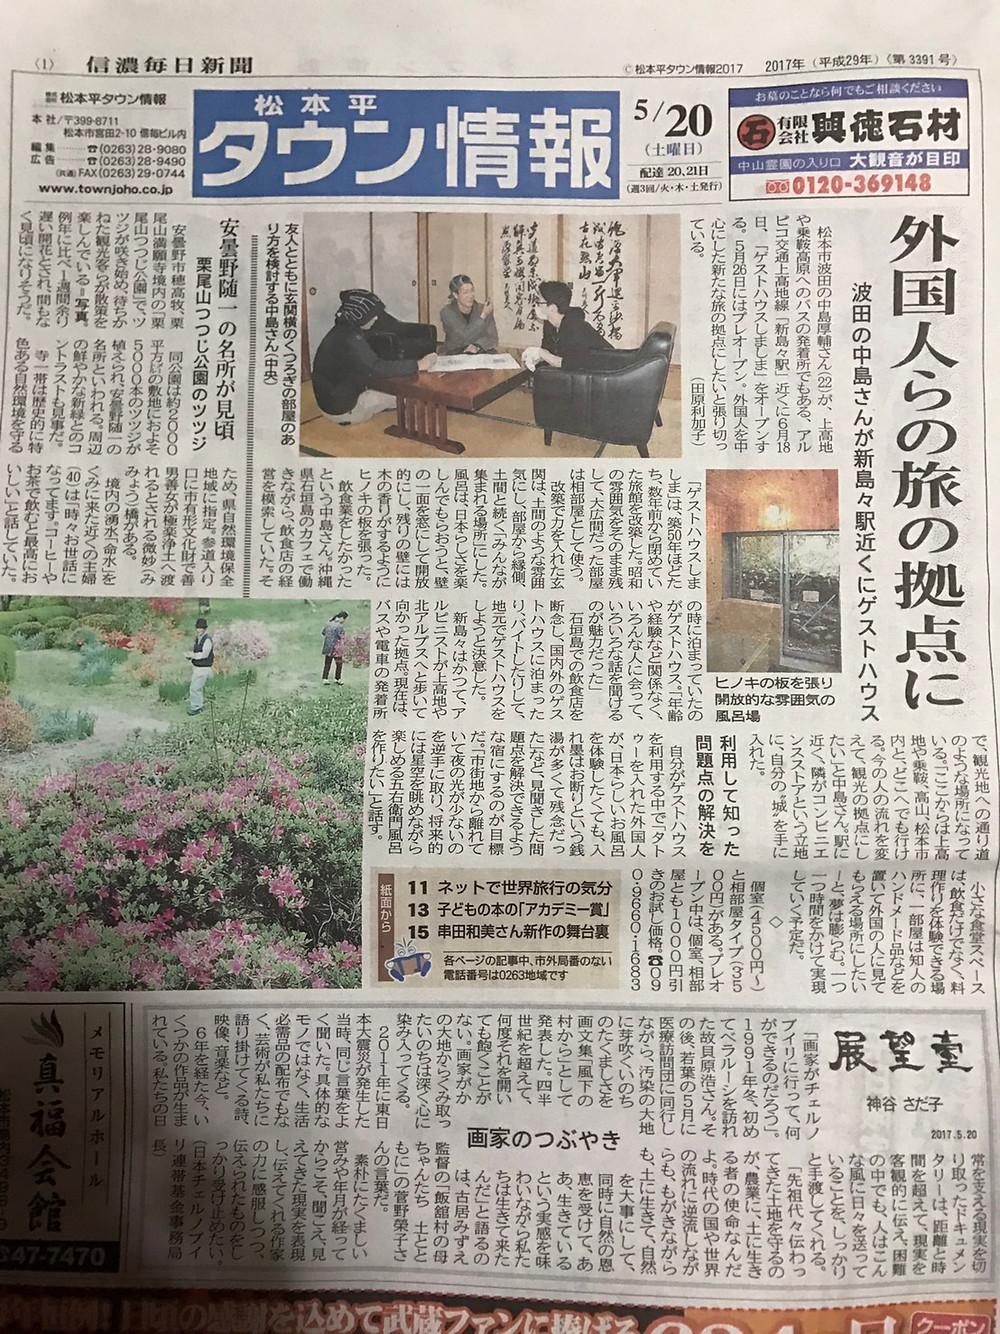 松本市・上高地の玄関口ゲストハウスしましま